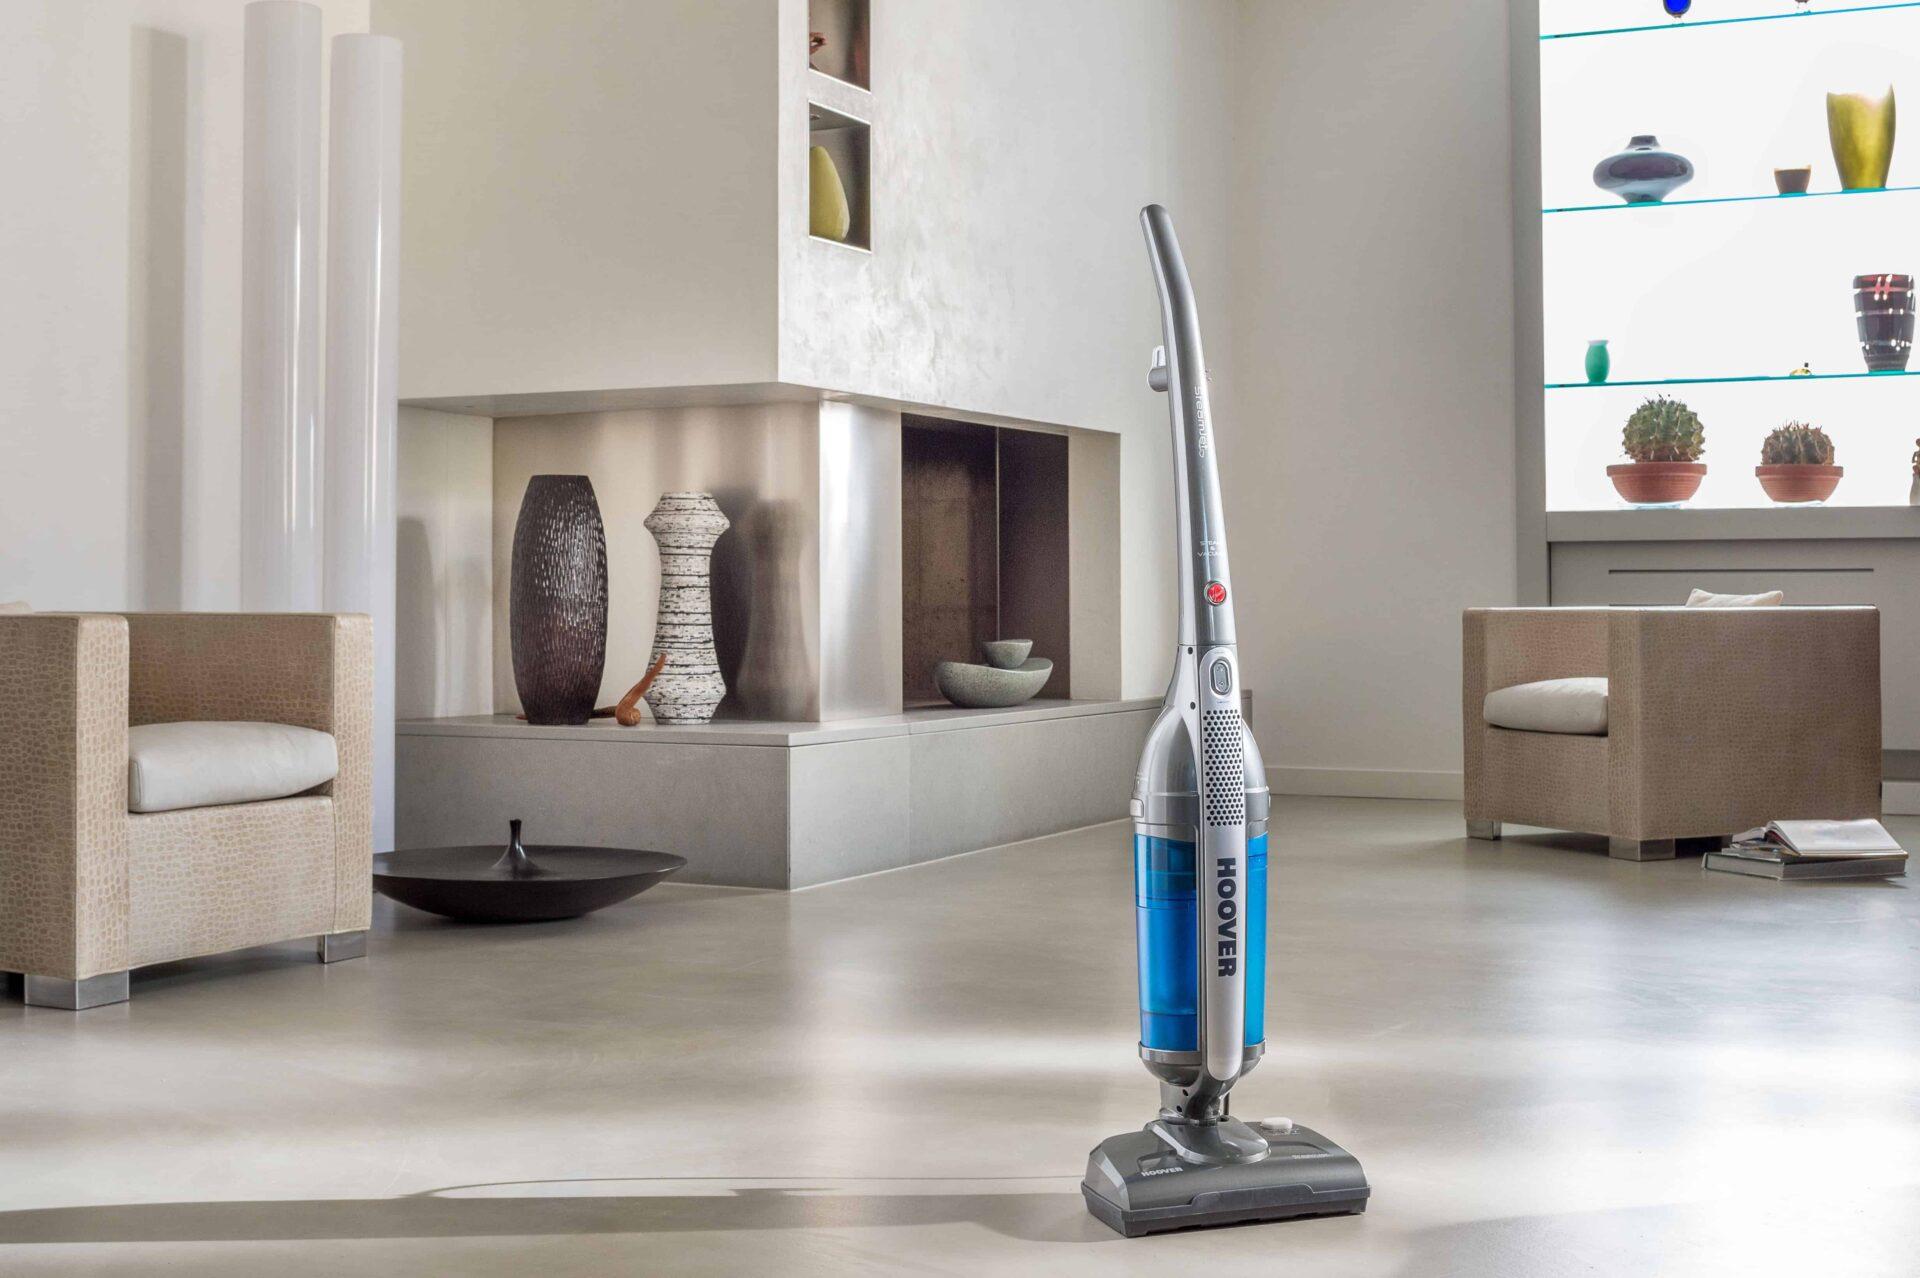 Hoover Steam& Vacuum: un solo elettrodomestico per pulizia a vapore a aspirazione